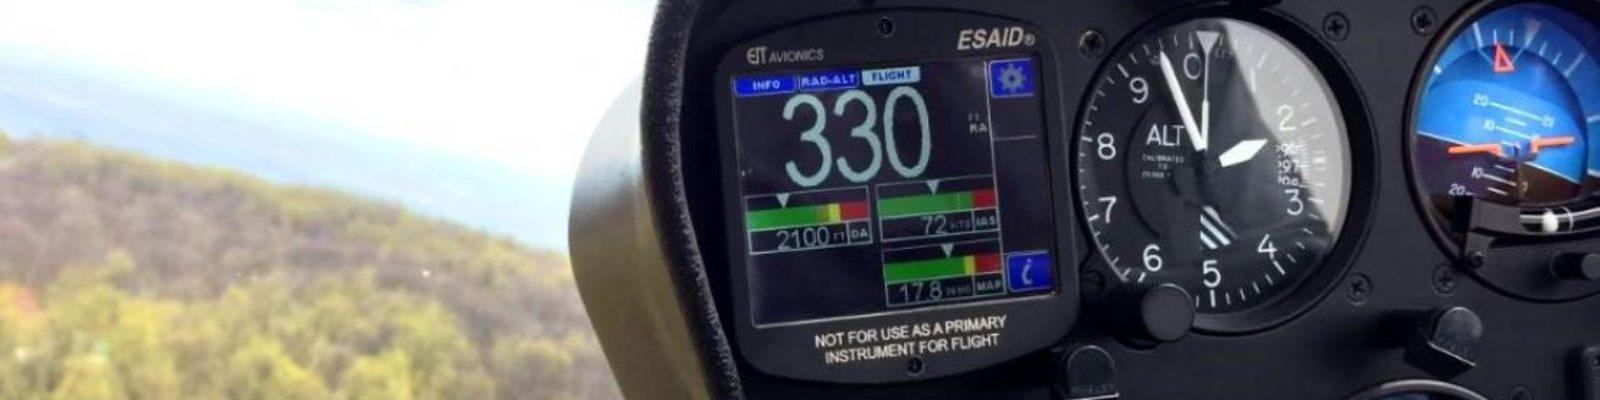 ESAID 330 adjusted website_0